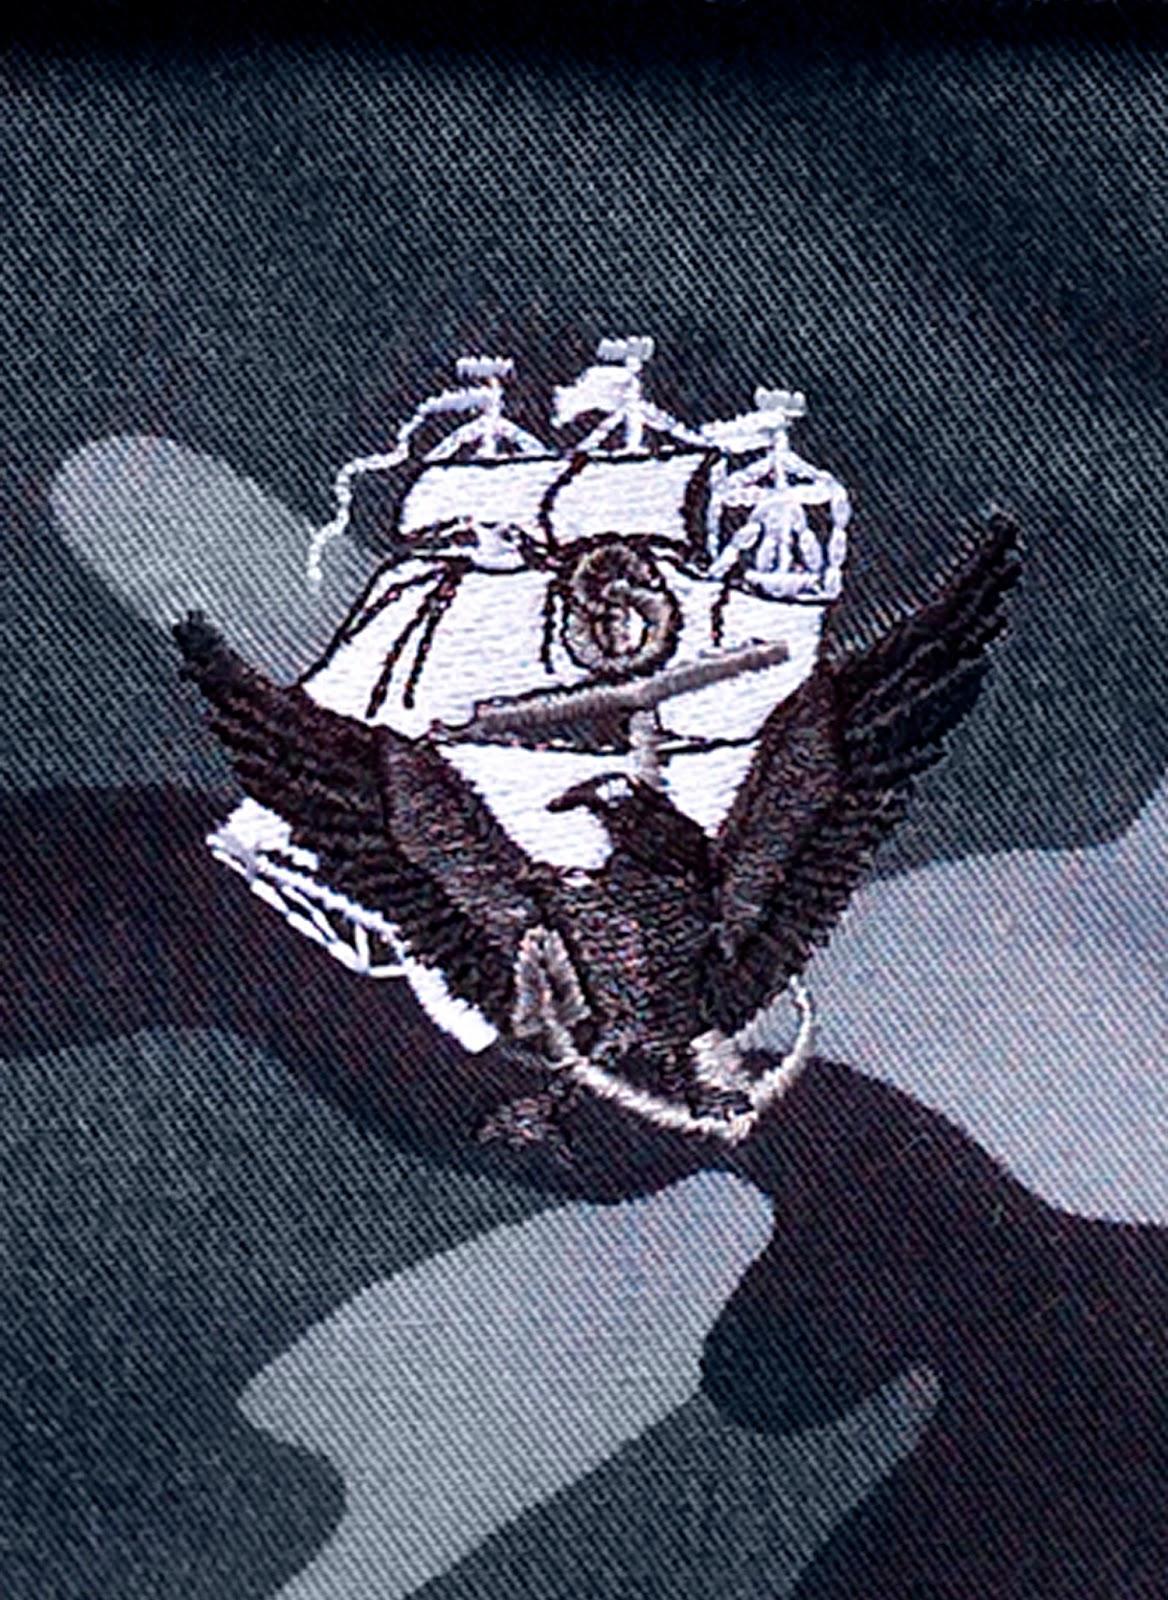 navy ace logo